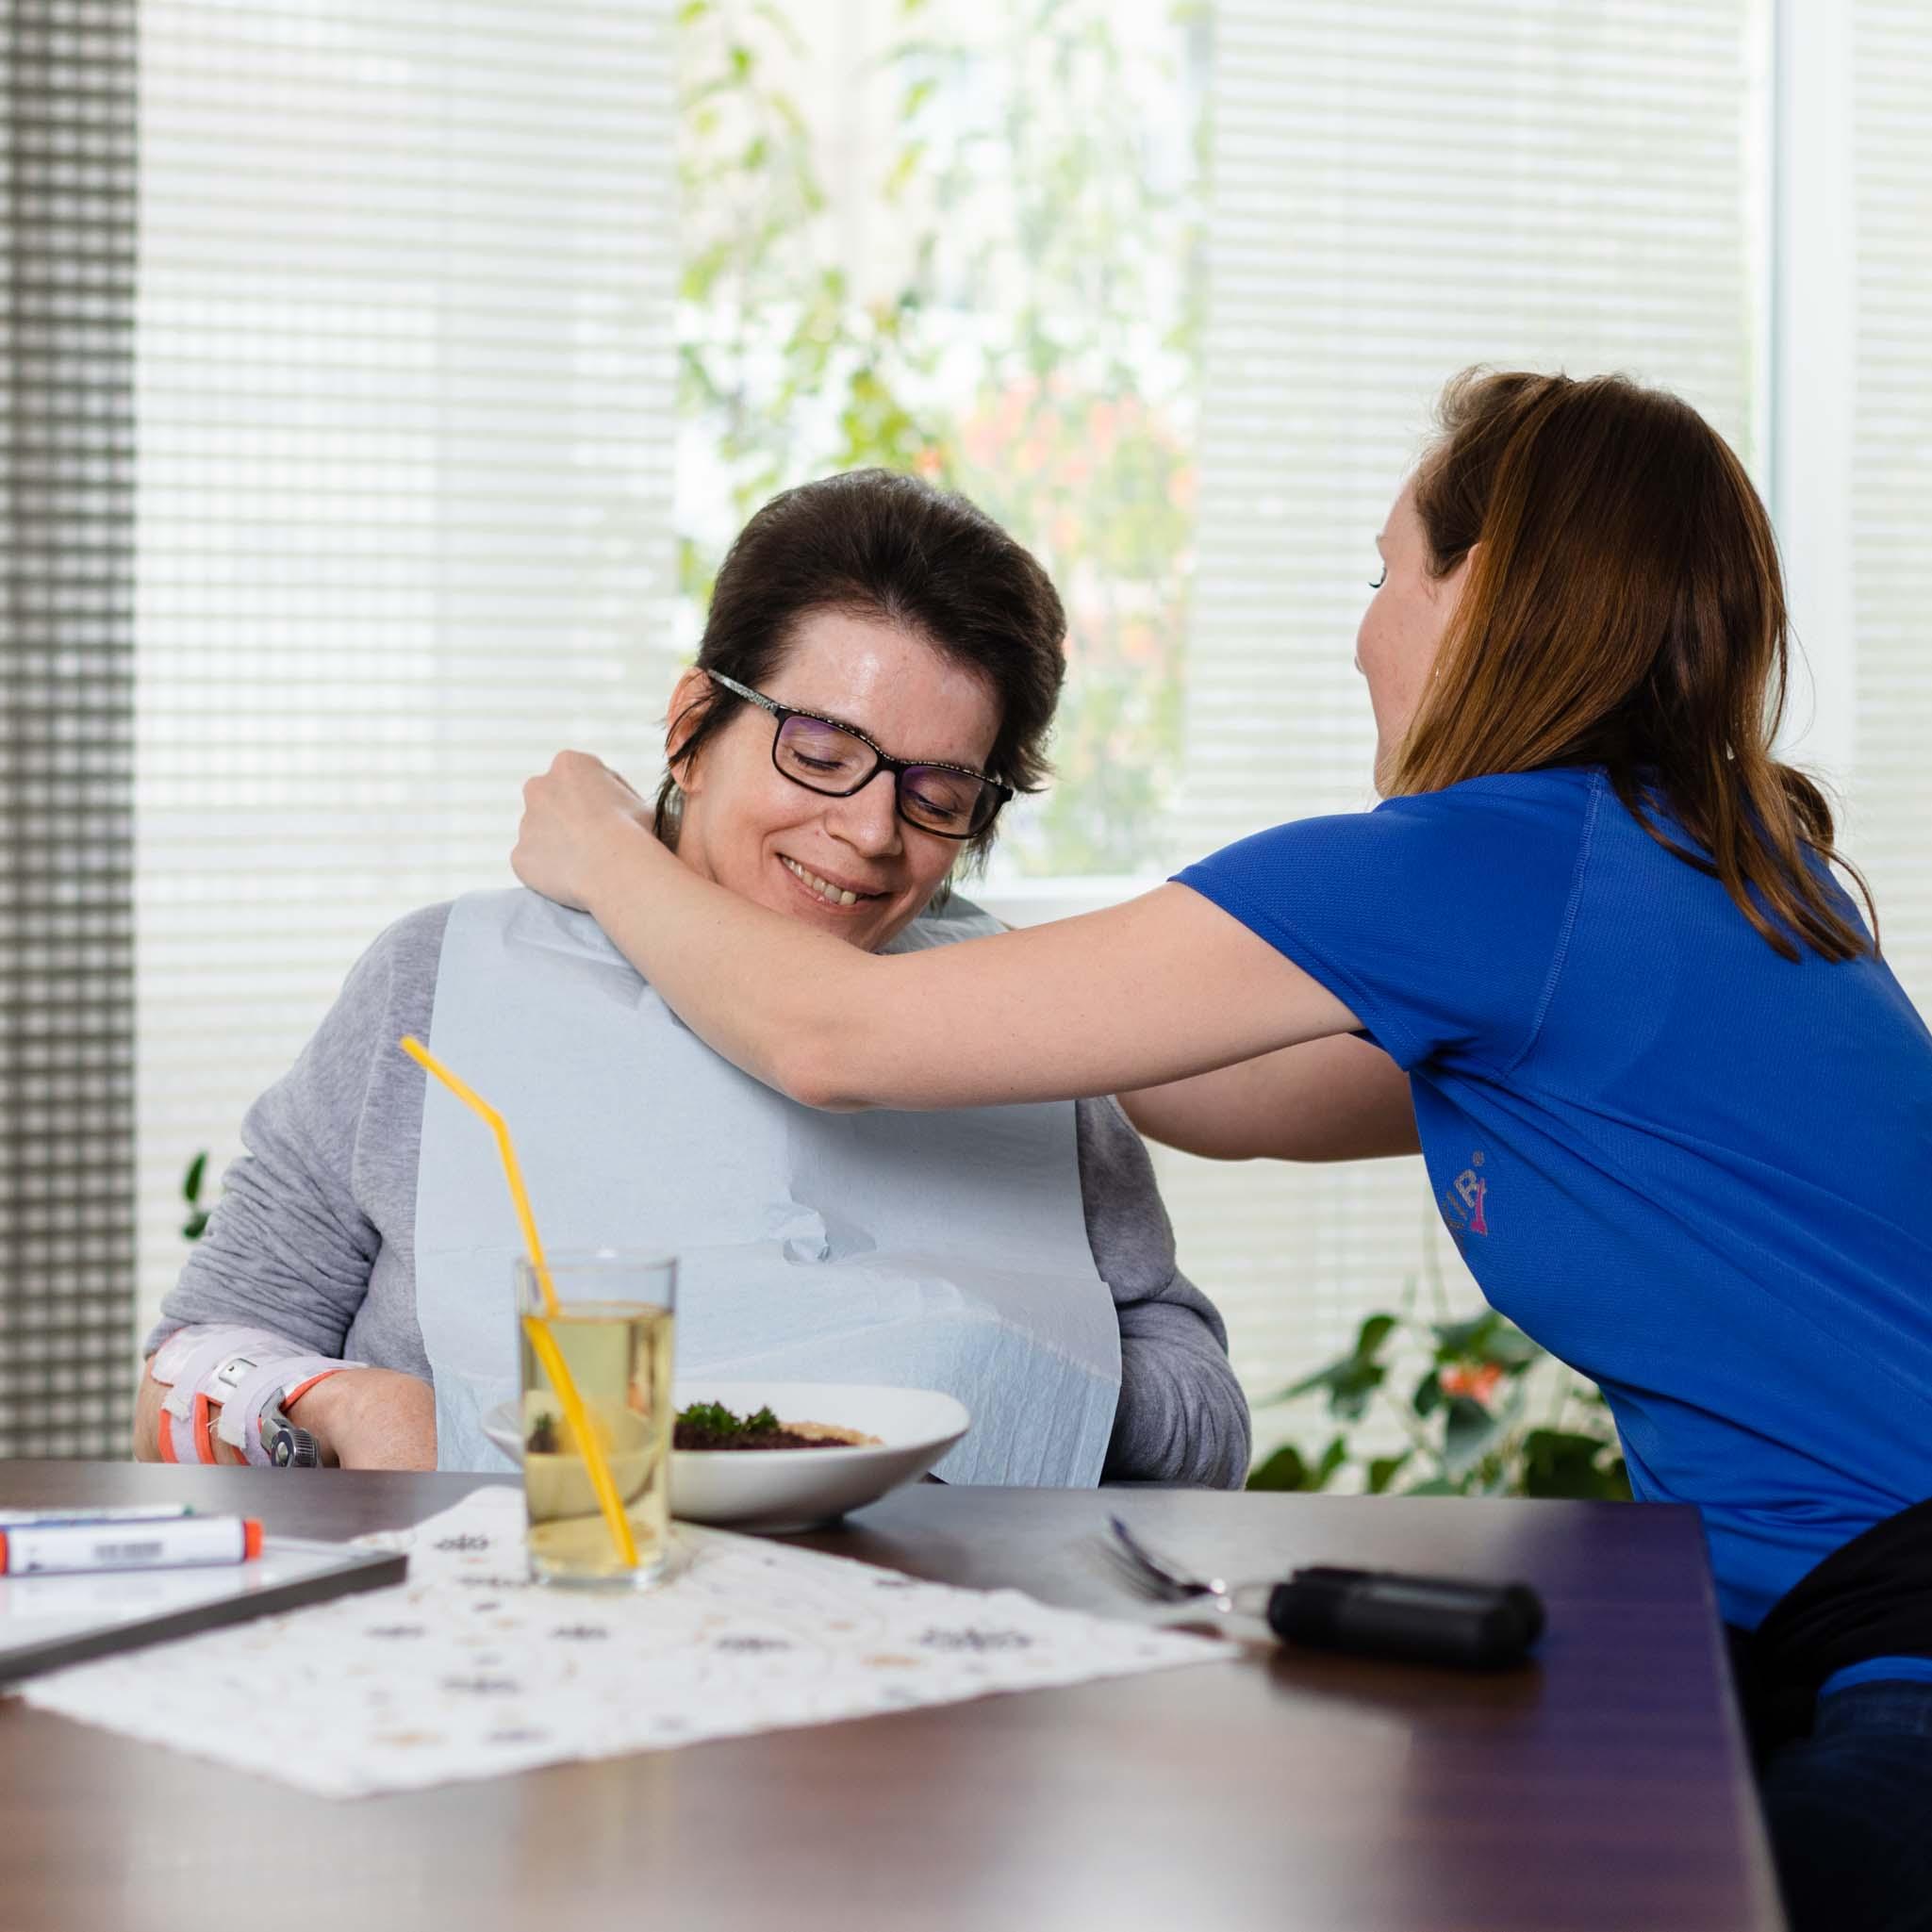 frisch zubereitete Speisen, Logotherapeutin und Patient, ASKIR — Pflegedienst Dresden